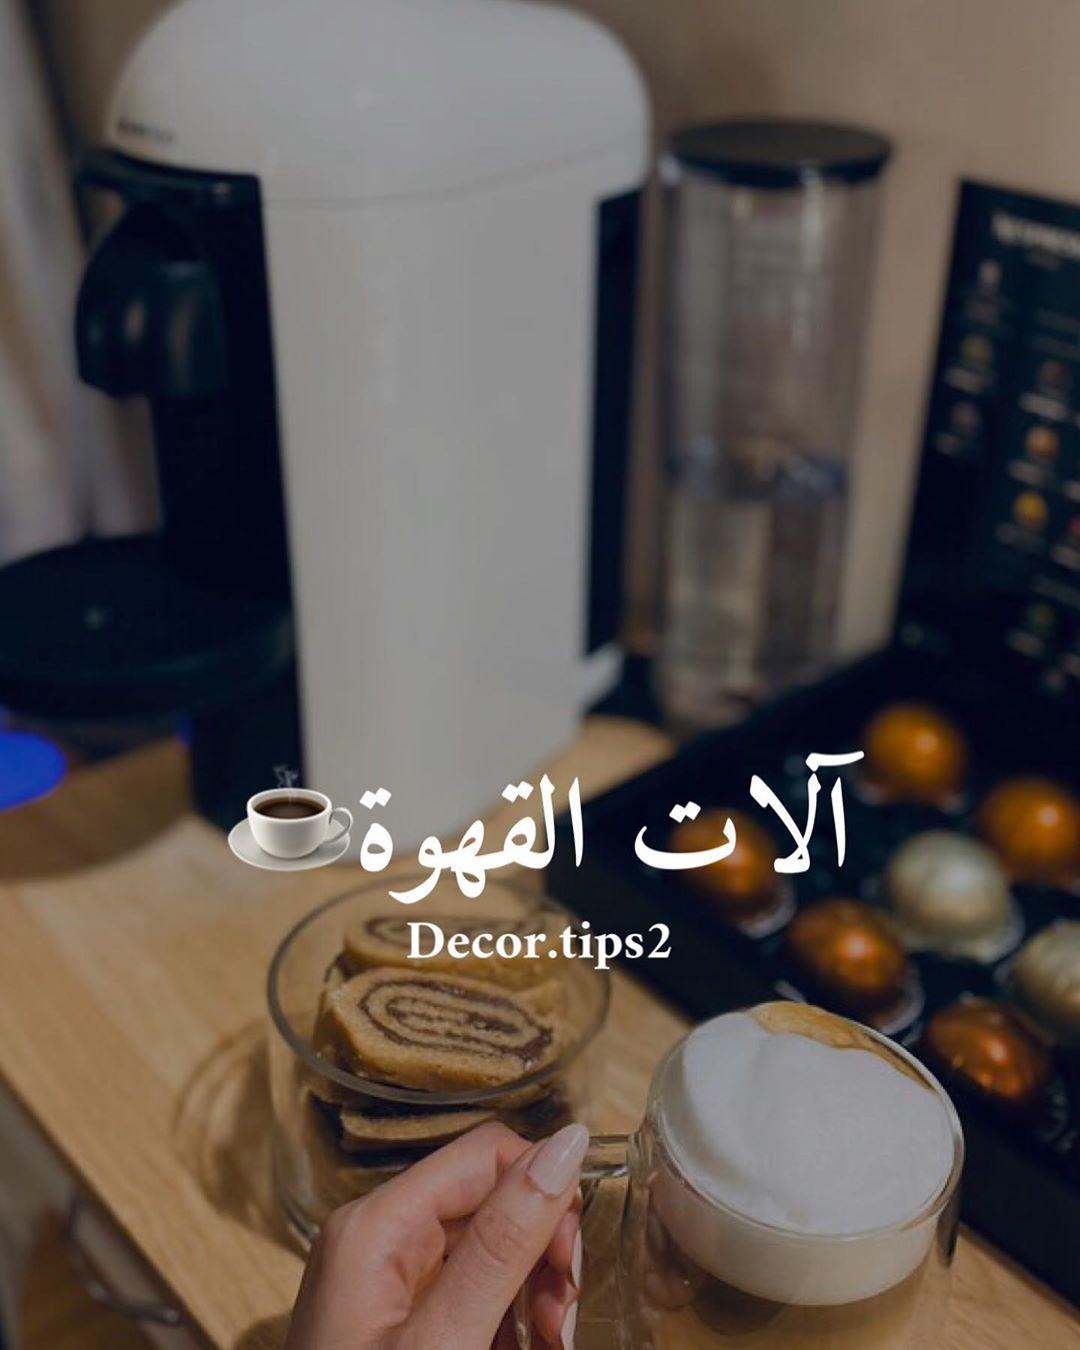 . - ايش افضل من جهاز ببيتك يسوي لك القهوة اللي تحبها مره بعد مره ؟  بتقول لي